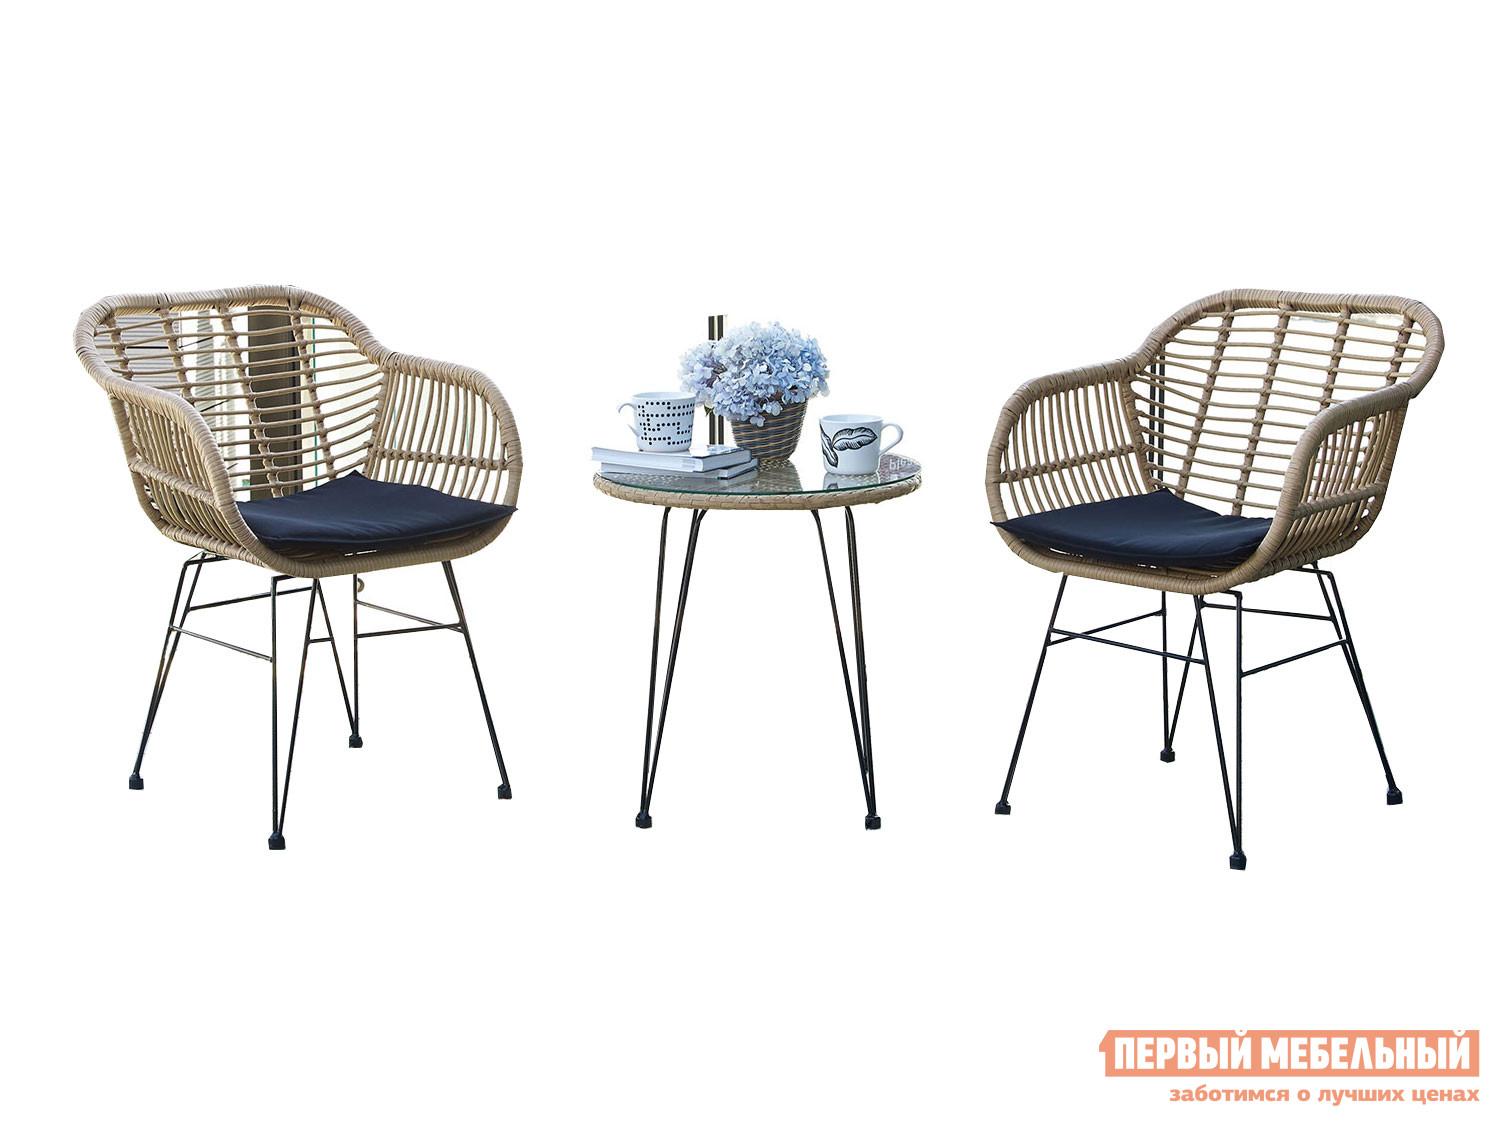 Комплект садовой мебели Первый Мебельный кофейный 210334